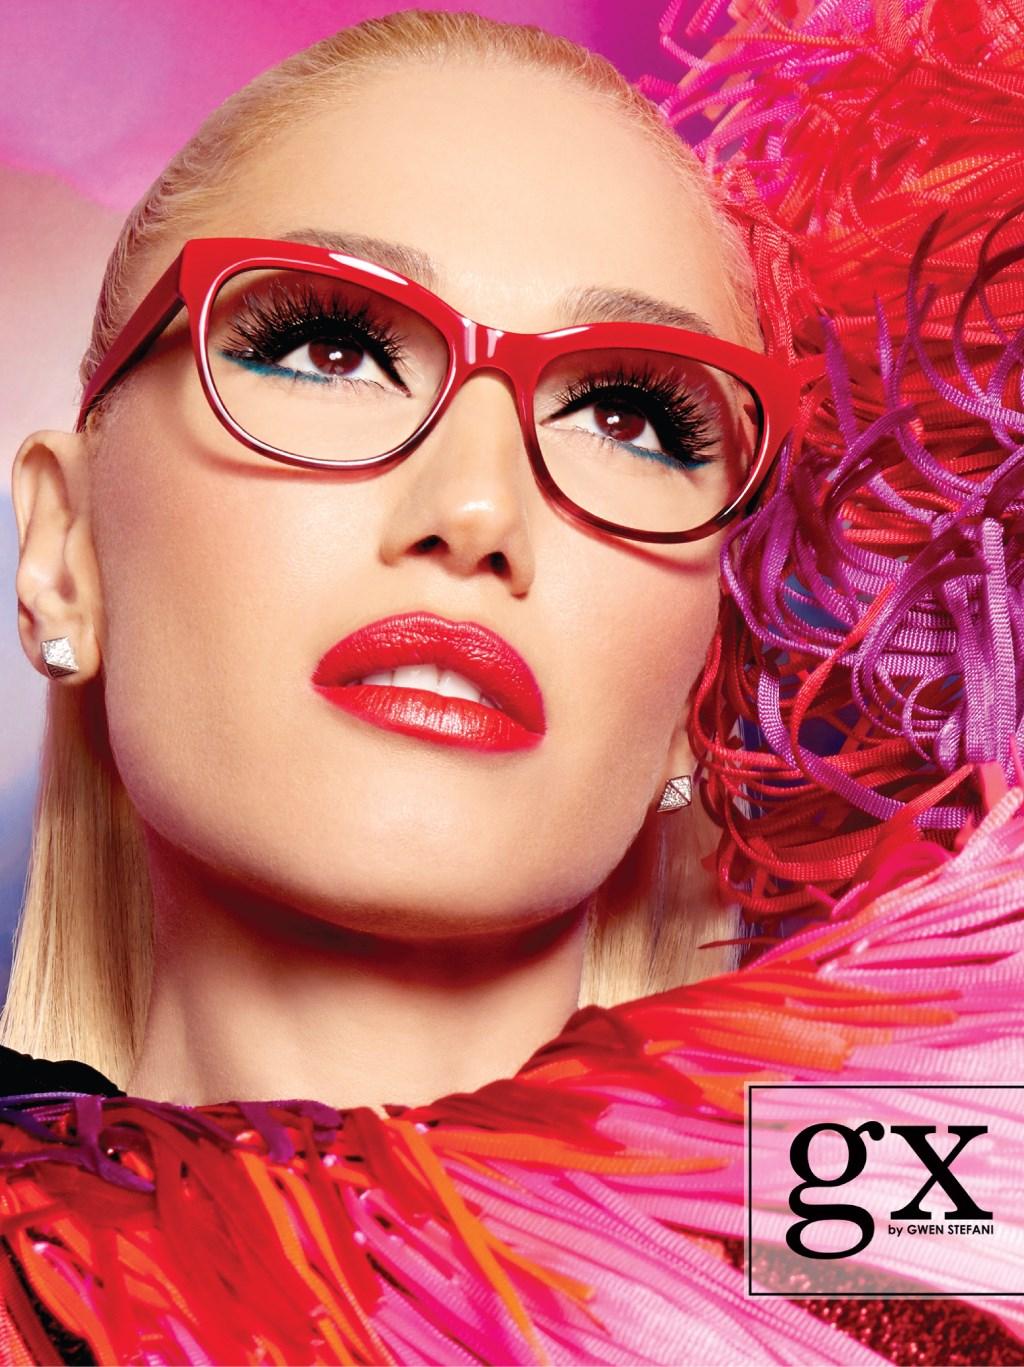 Gx By Gwen Stefani Tura